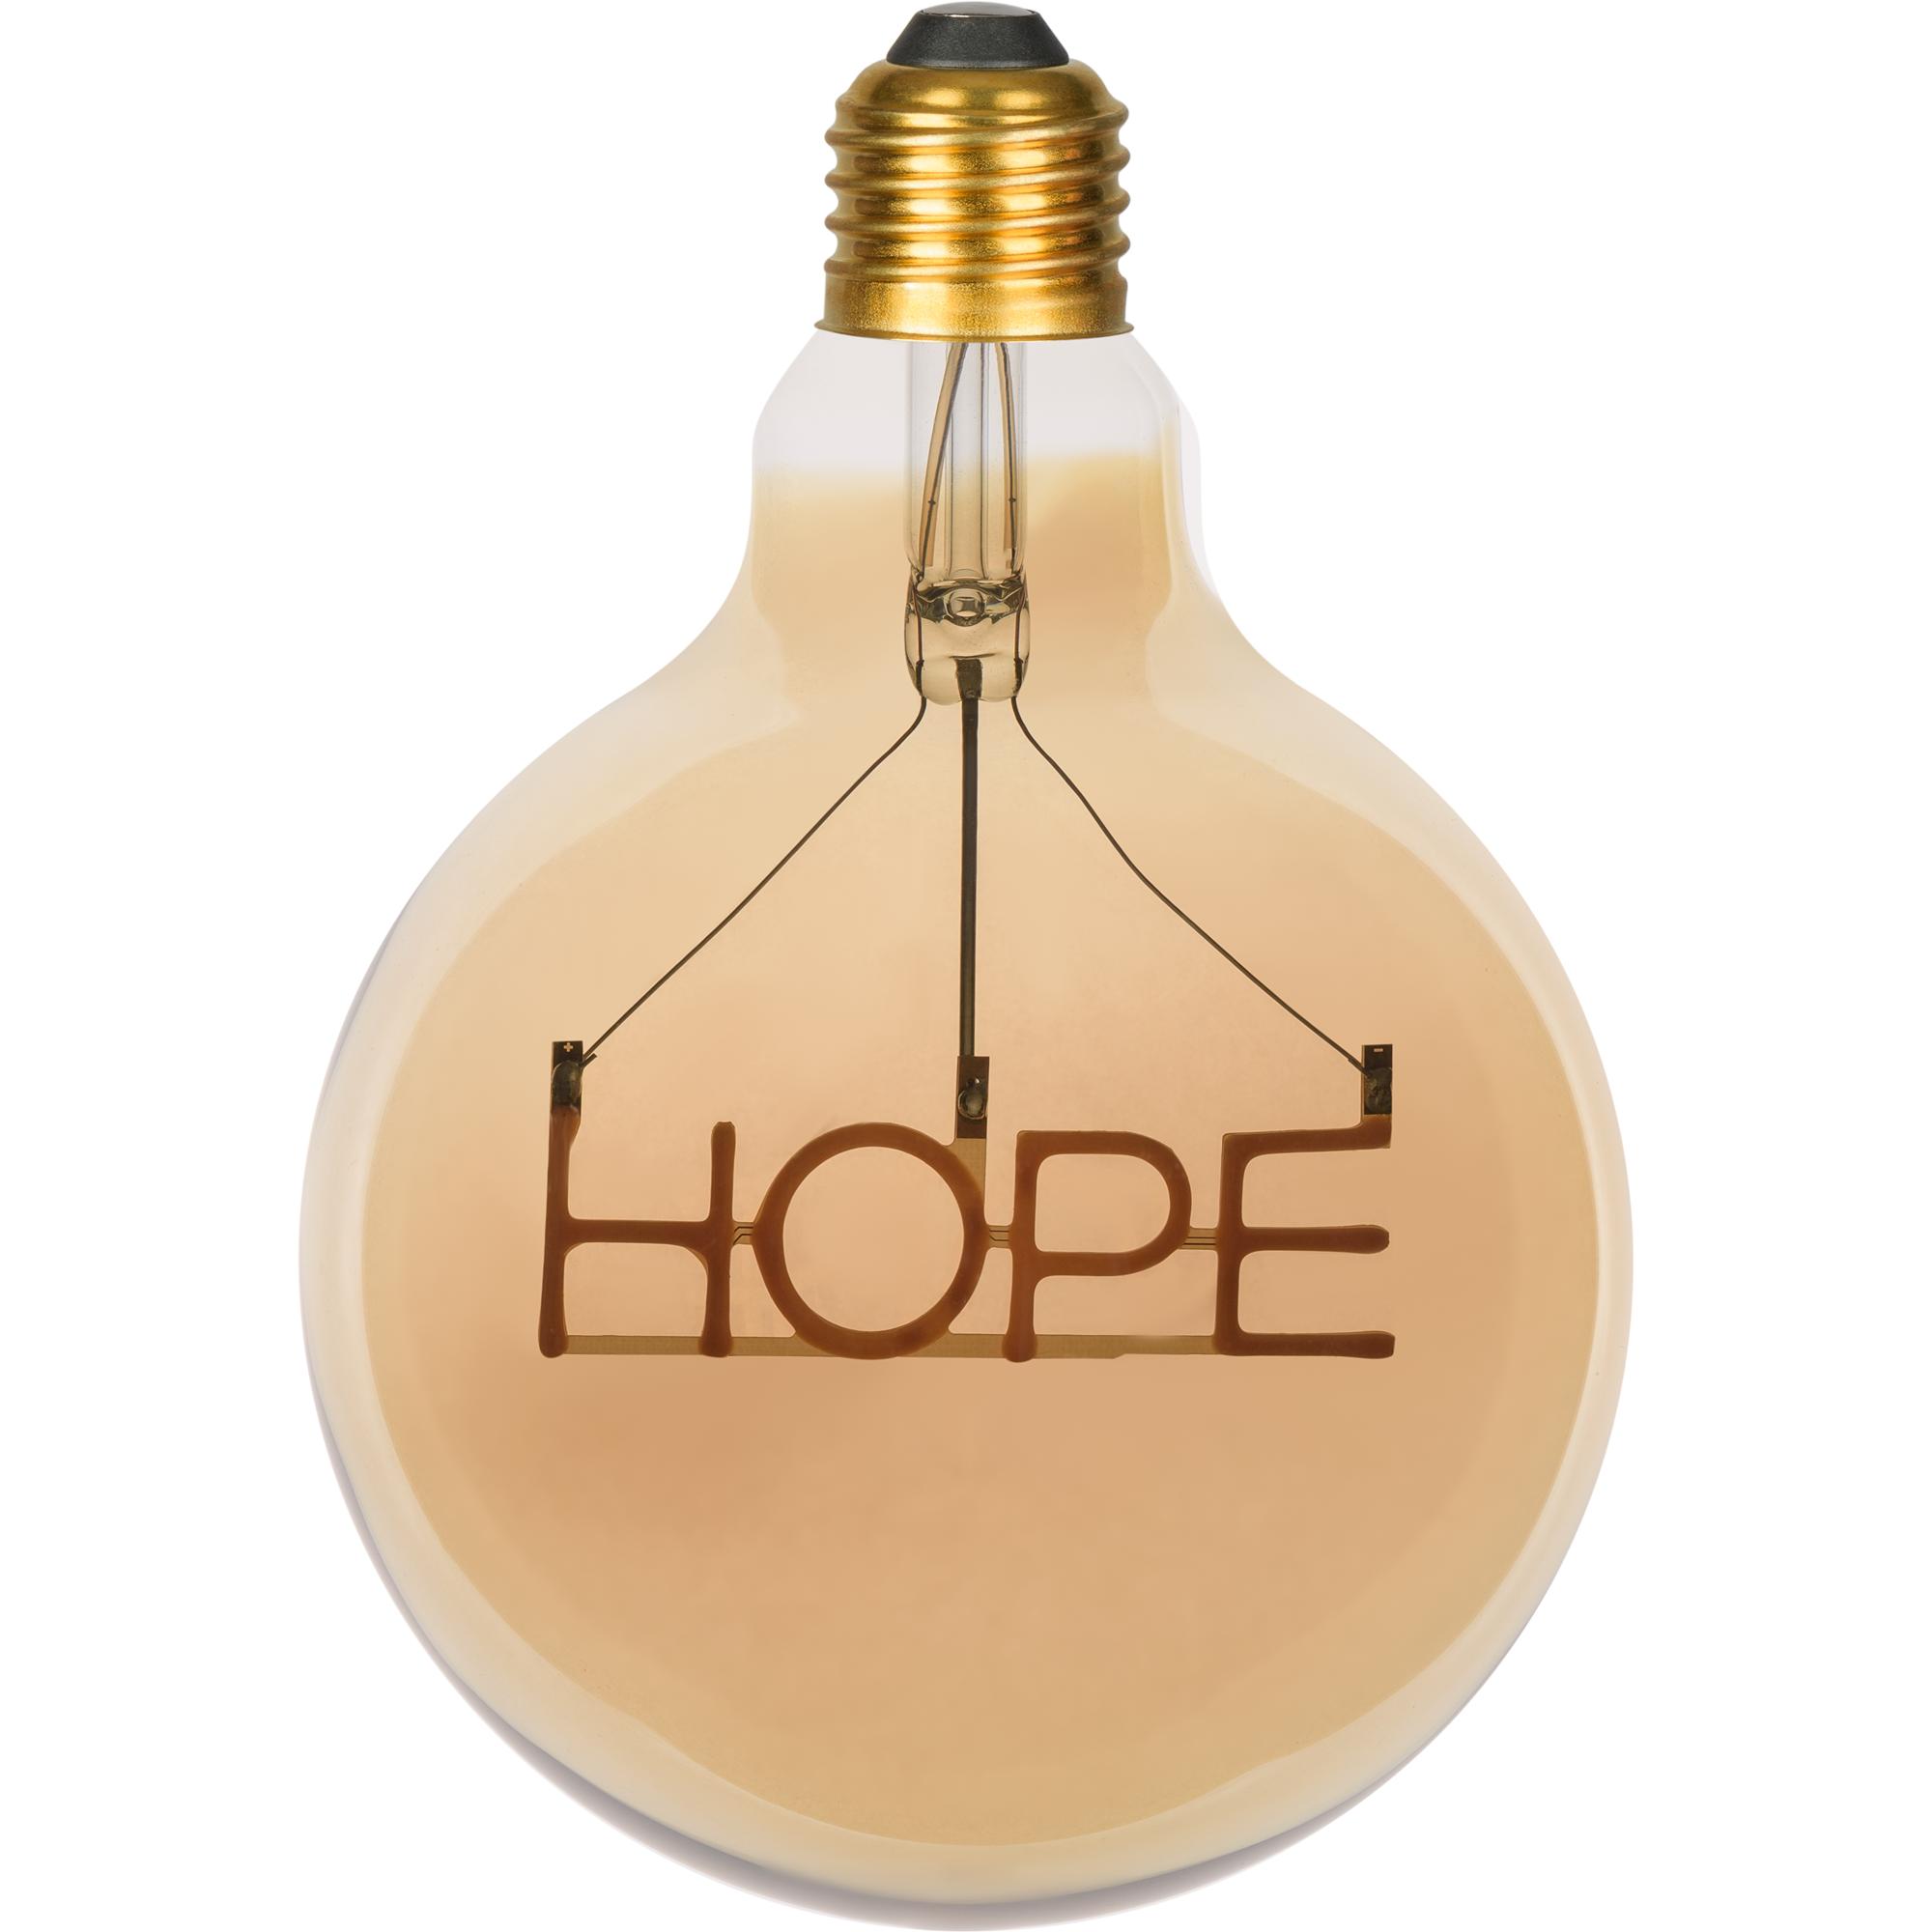 Лампа светодиодная филаментная Gauss Hope E27 230 В 2.5 Вт шар прозрачный с золотистым напылением 220 лм тёплый белый свет